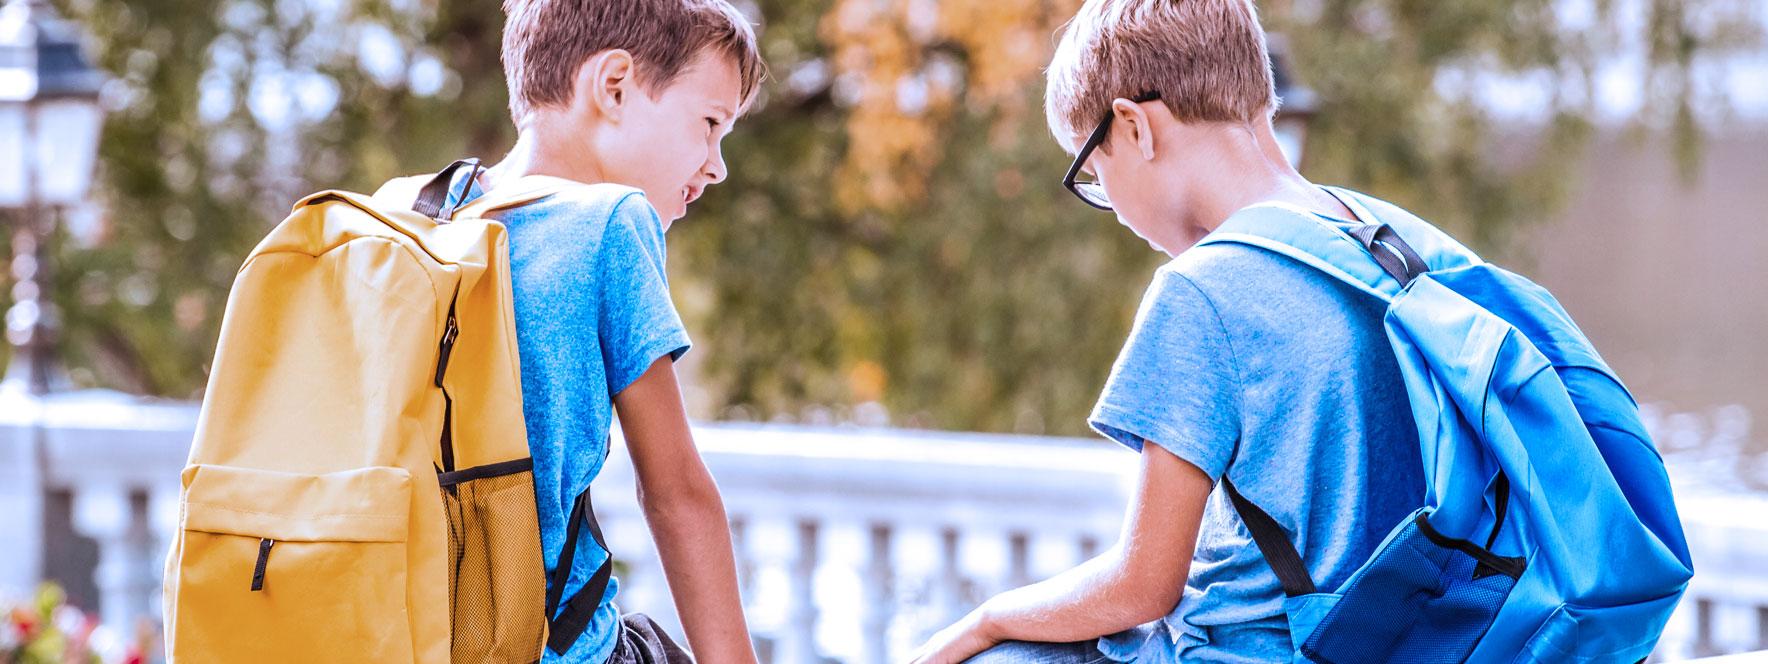 Deux petits garçons qui discutent